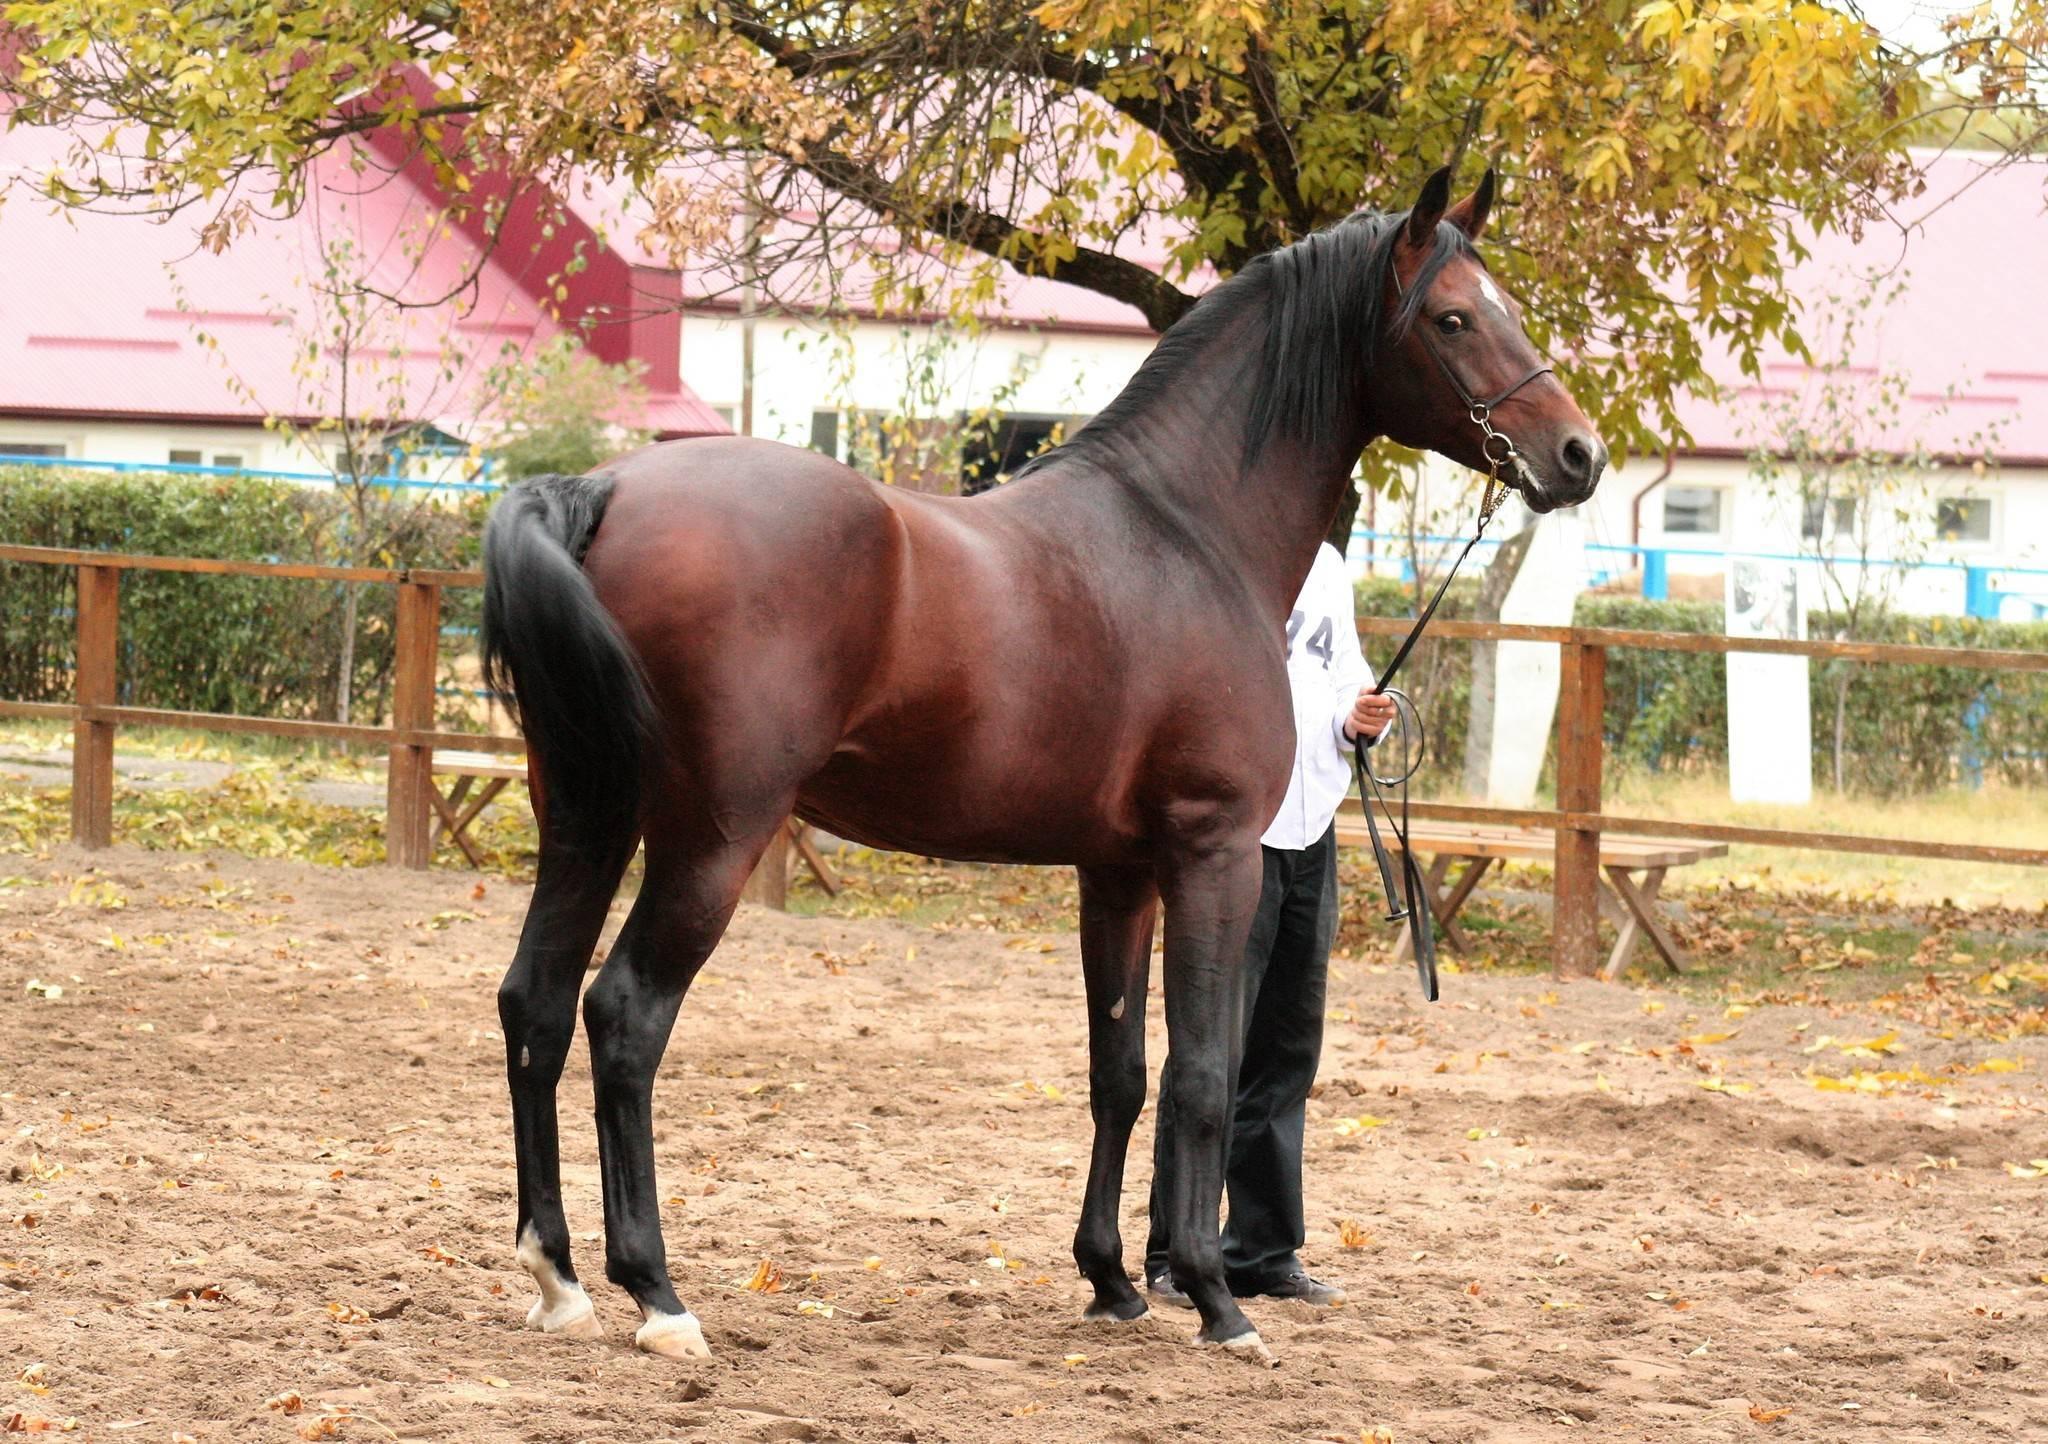 Алтайская порода лошадей: фото, описание, происхождение, характеристика, разведение